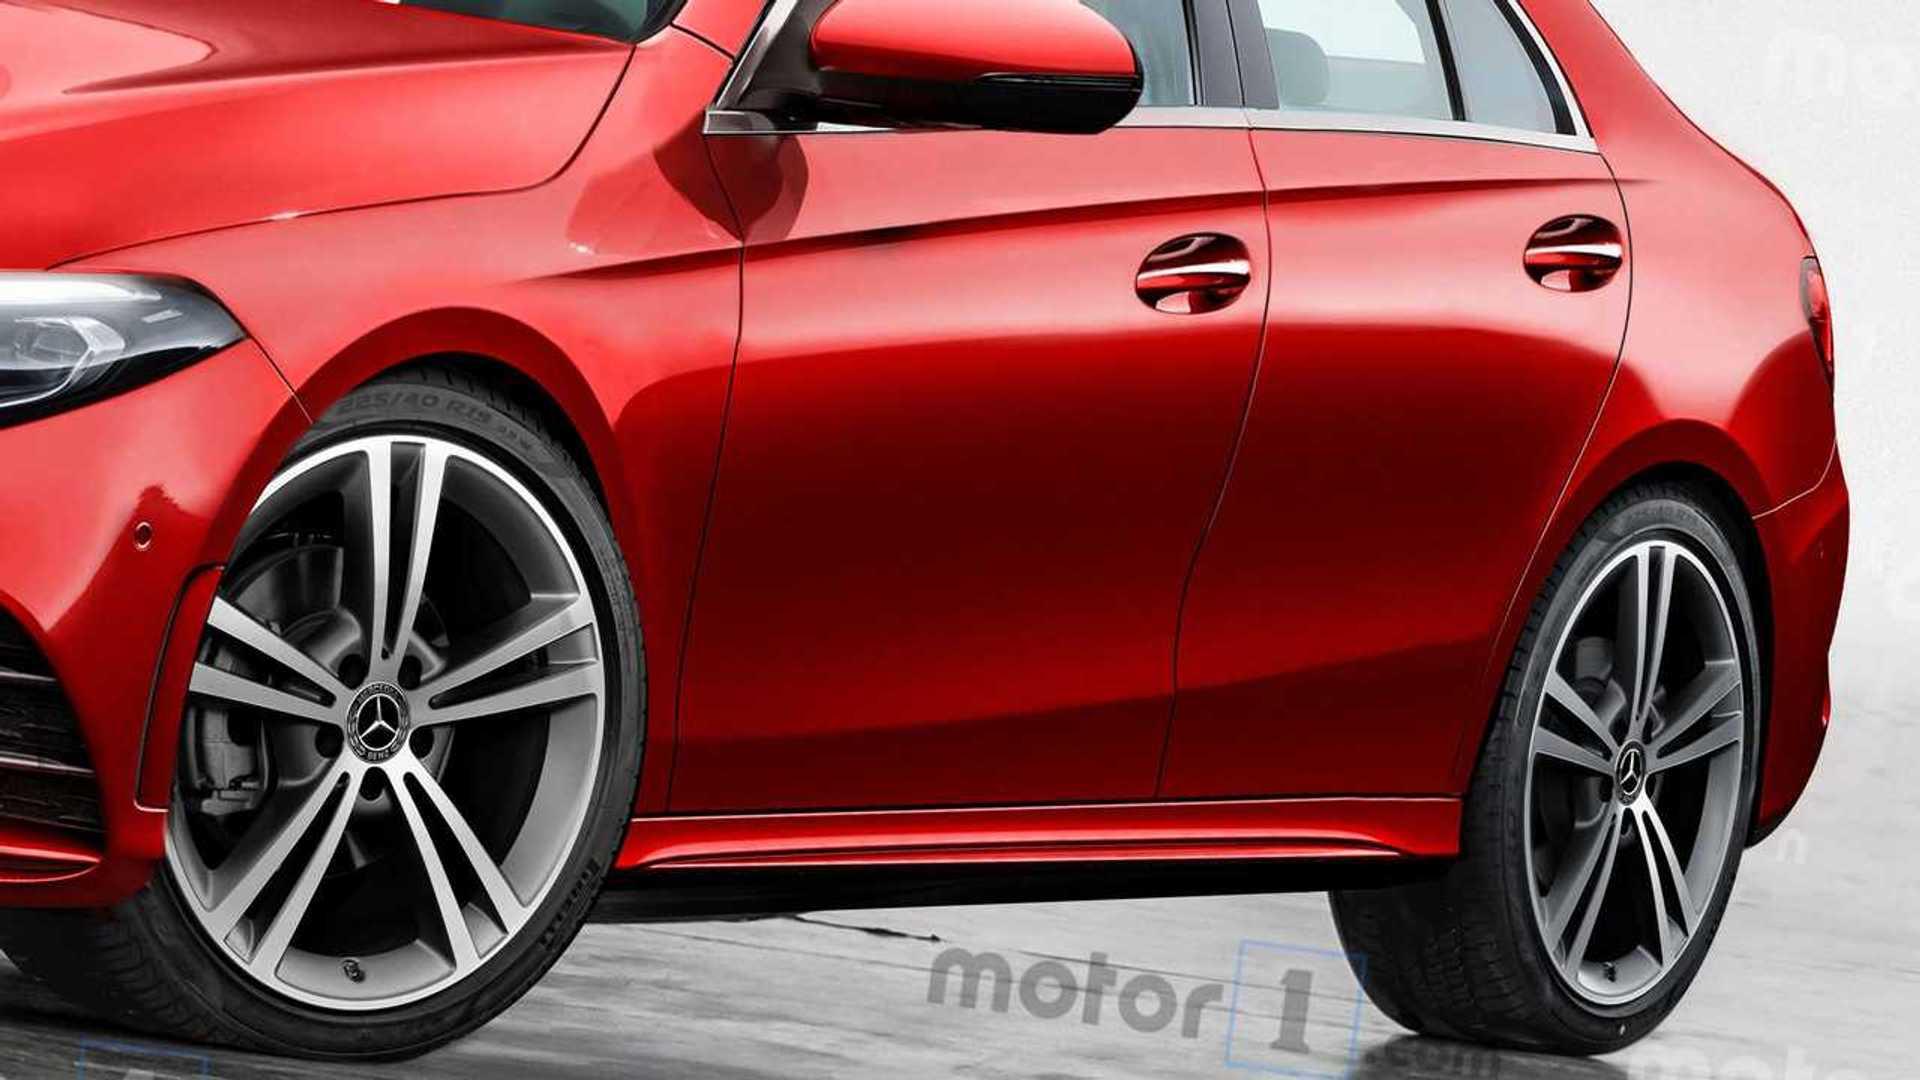 Novo Mercedes-Benz Classe C será apresentado em setembro de 2020 2020-mercedes-benz-c-class-render